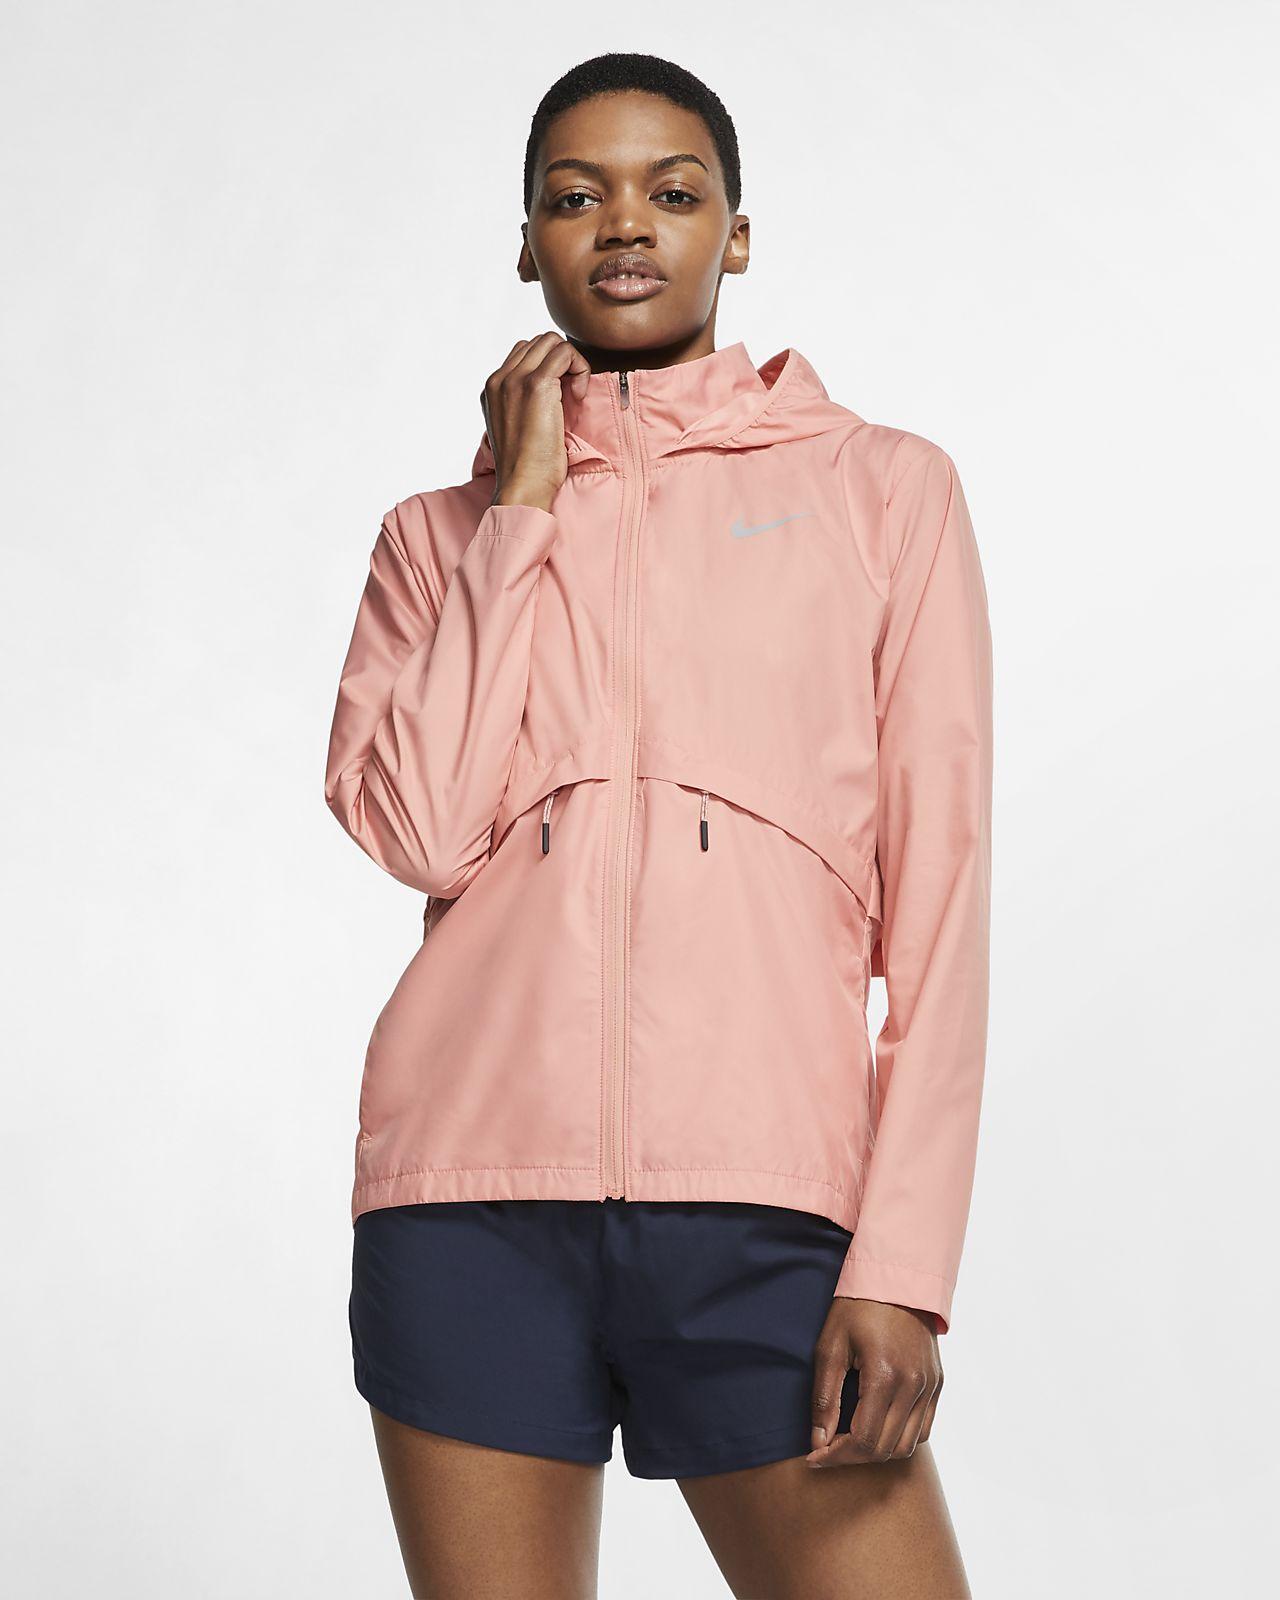 Sammenfoldelig Nike Essential-løberegnjakke til kvinder